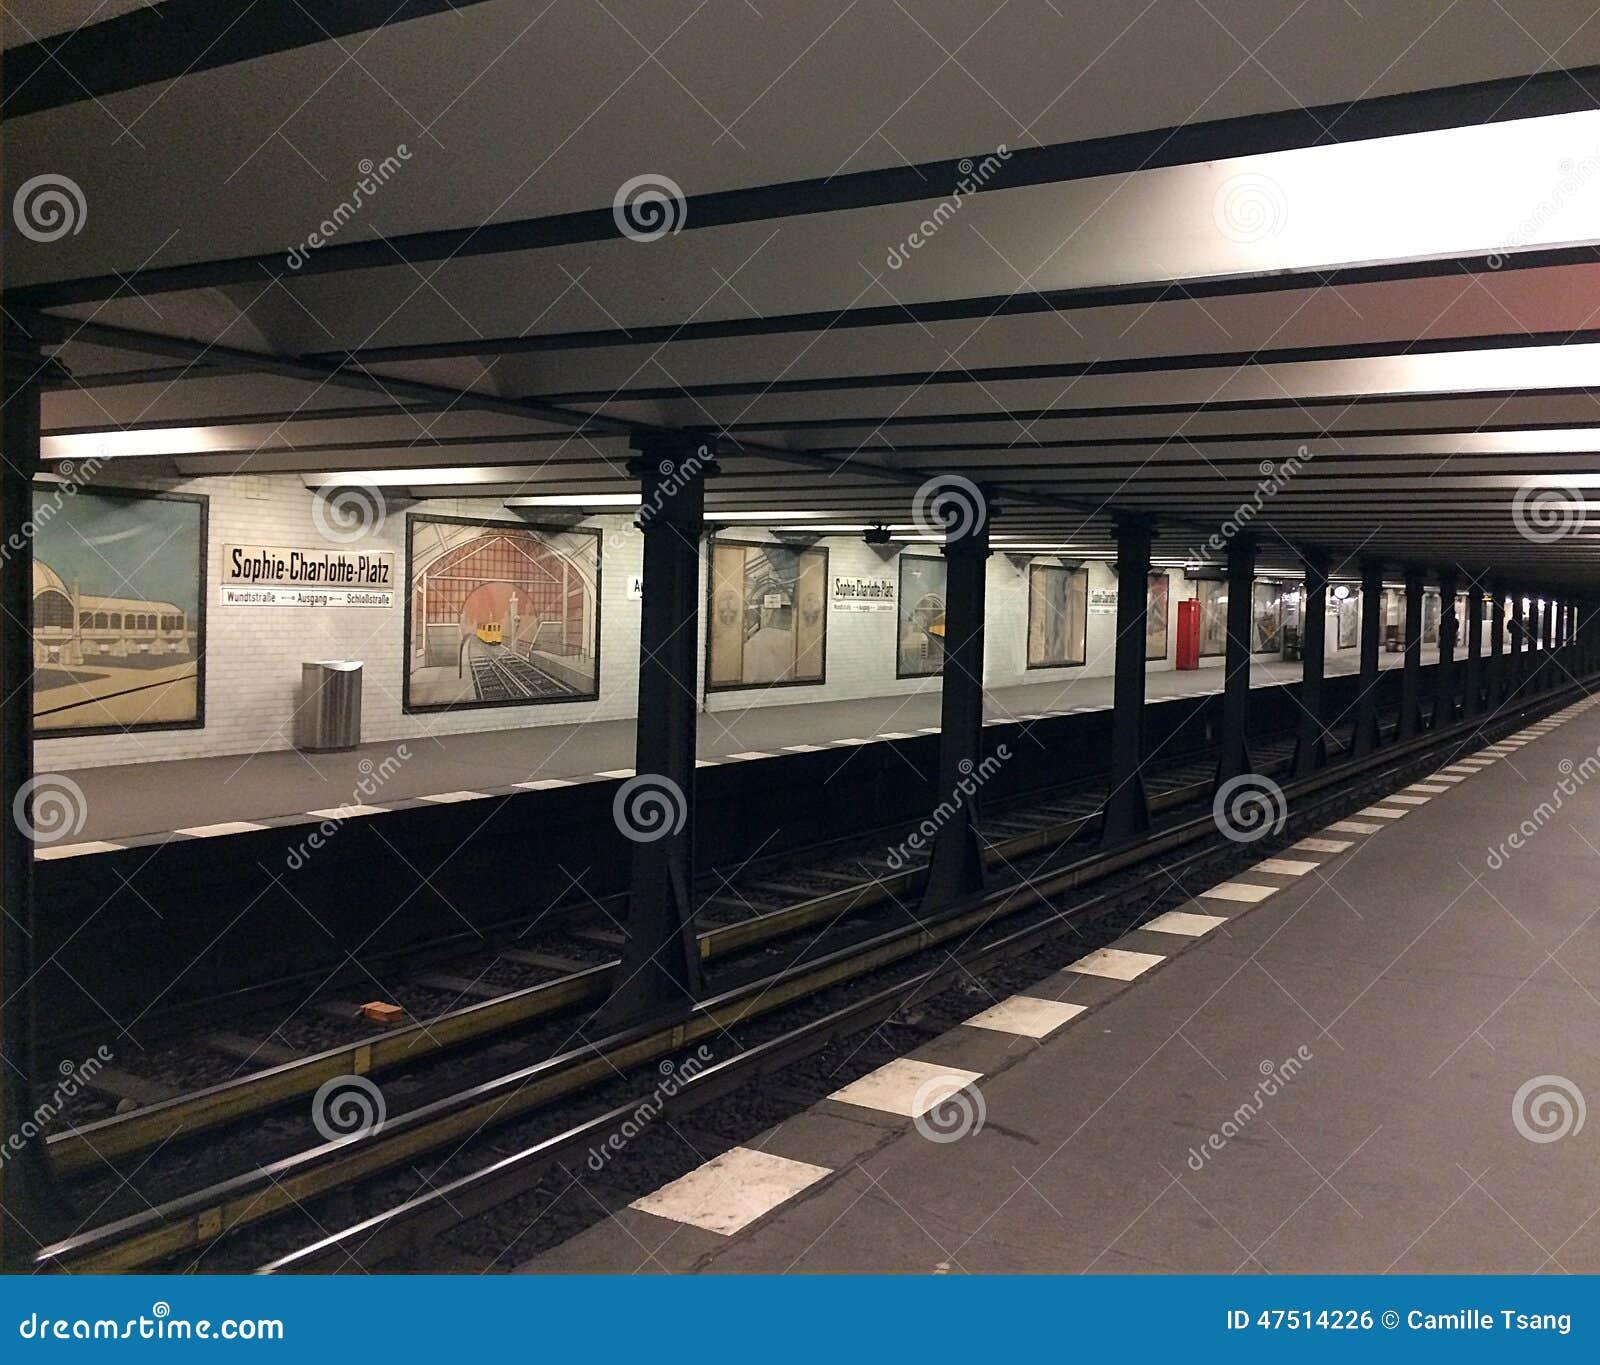 地下地铁车站,苏菲夏洛特普拉茨,在柏林,德国.图片